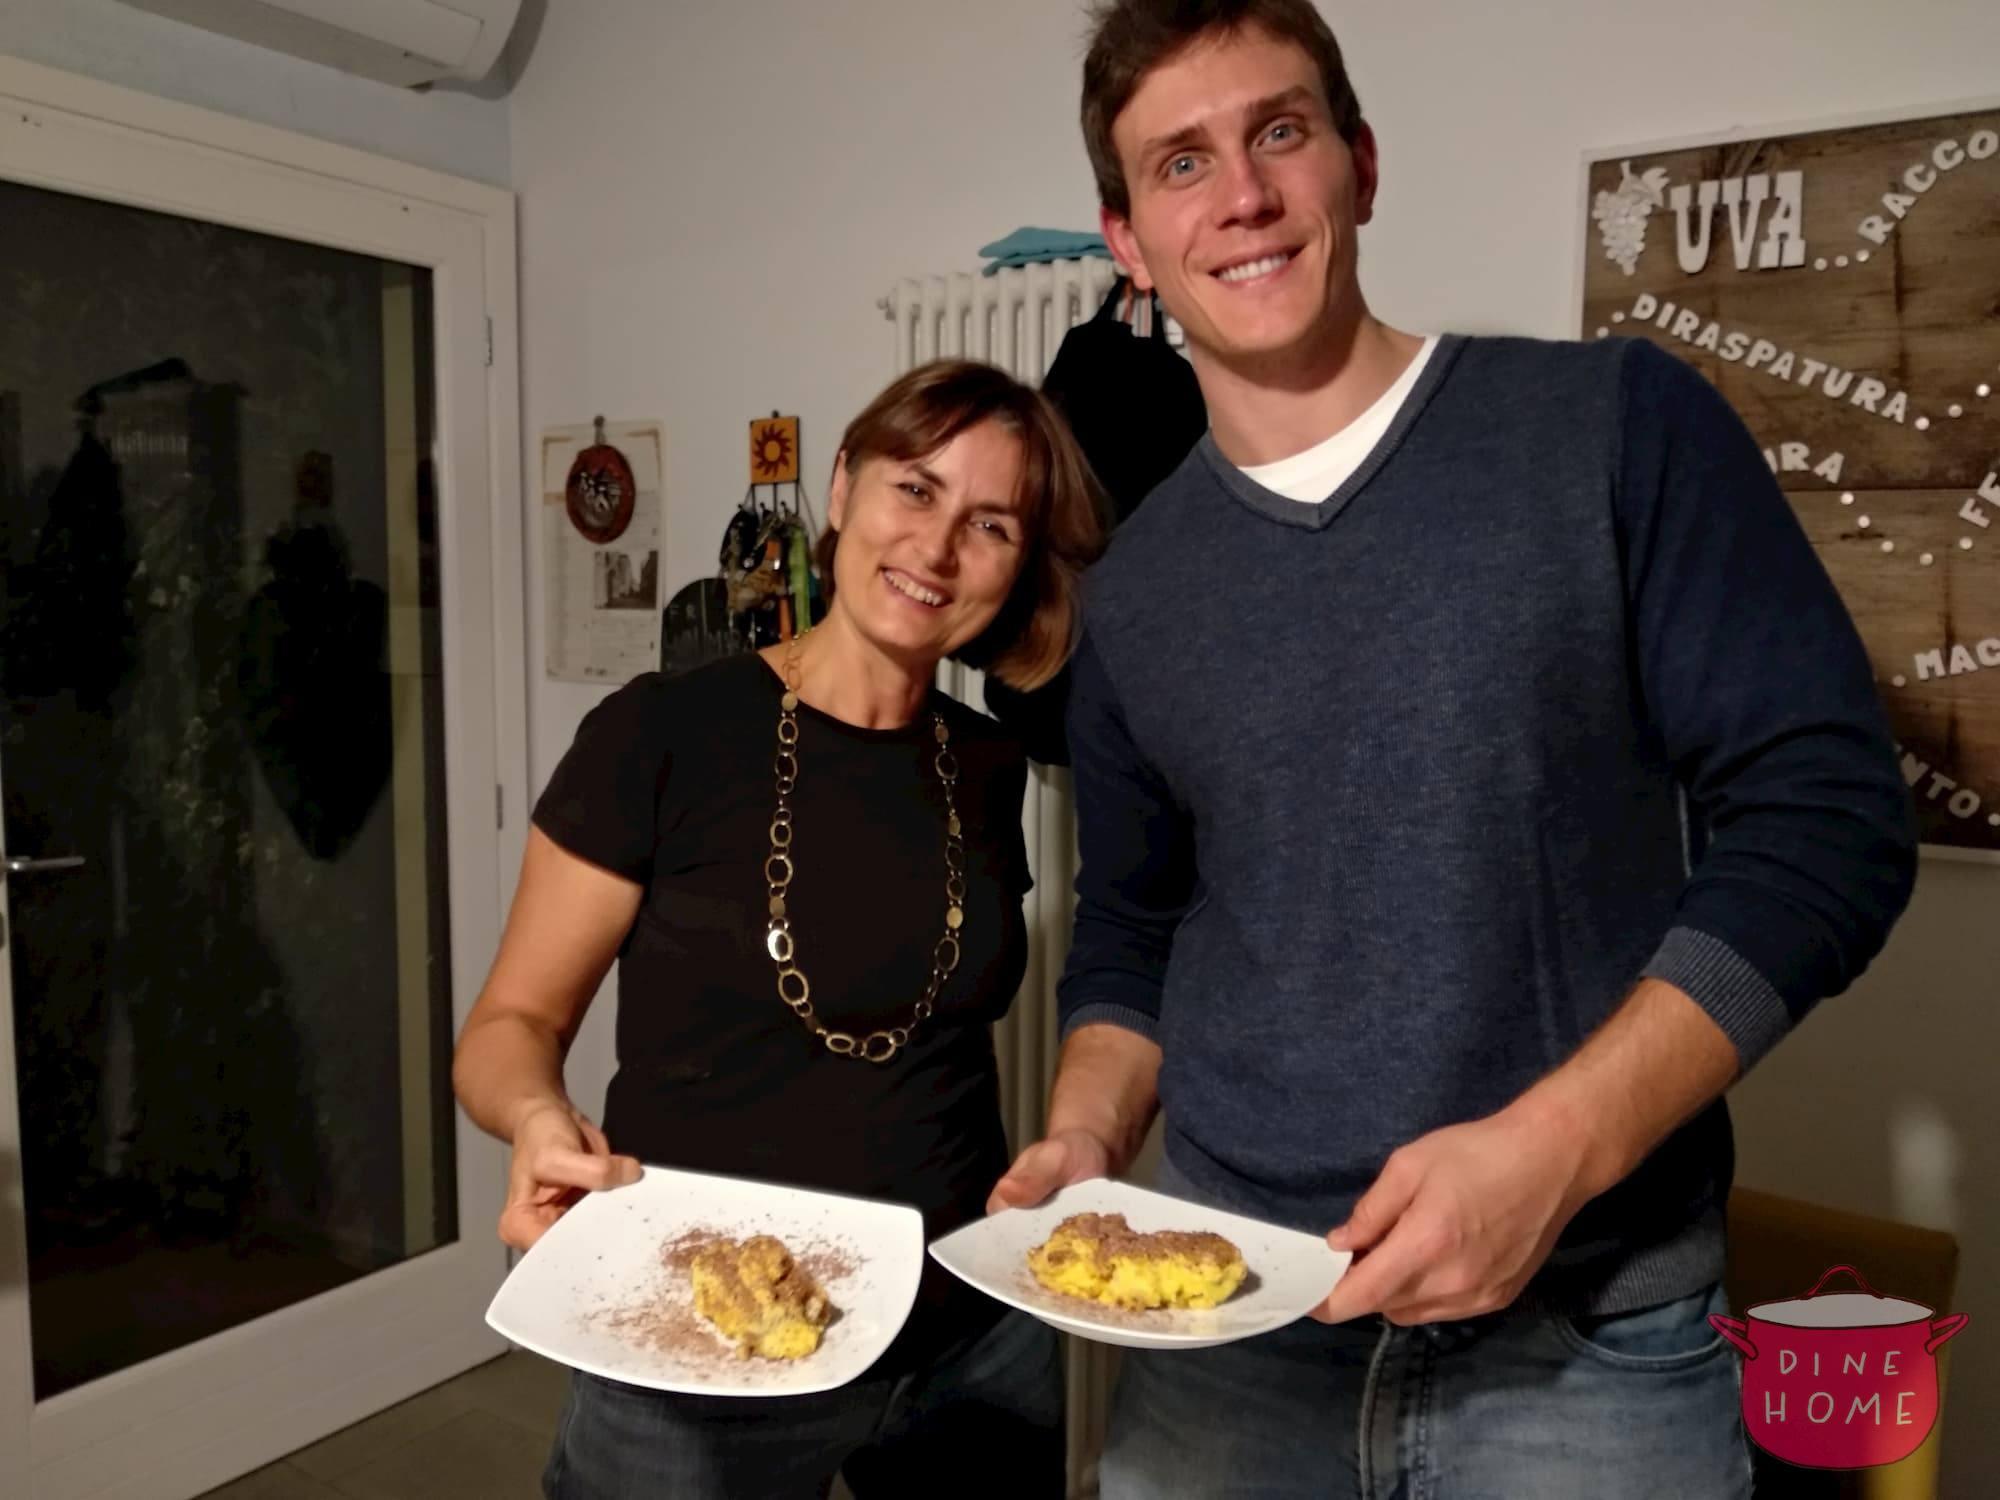 Thomas, studente dagli USA, a cena dalla sua famiglia Dinehome.